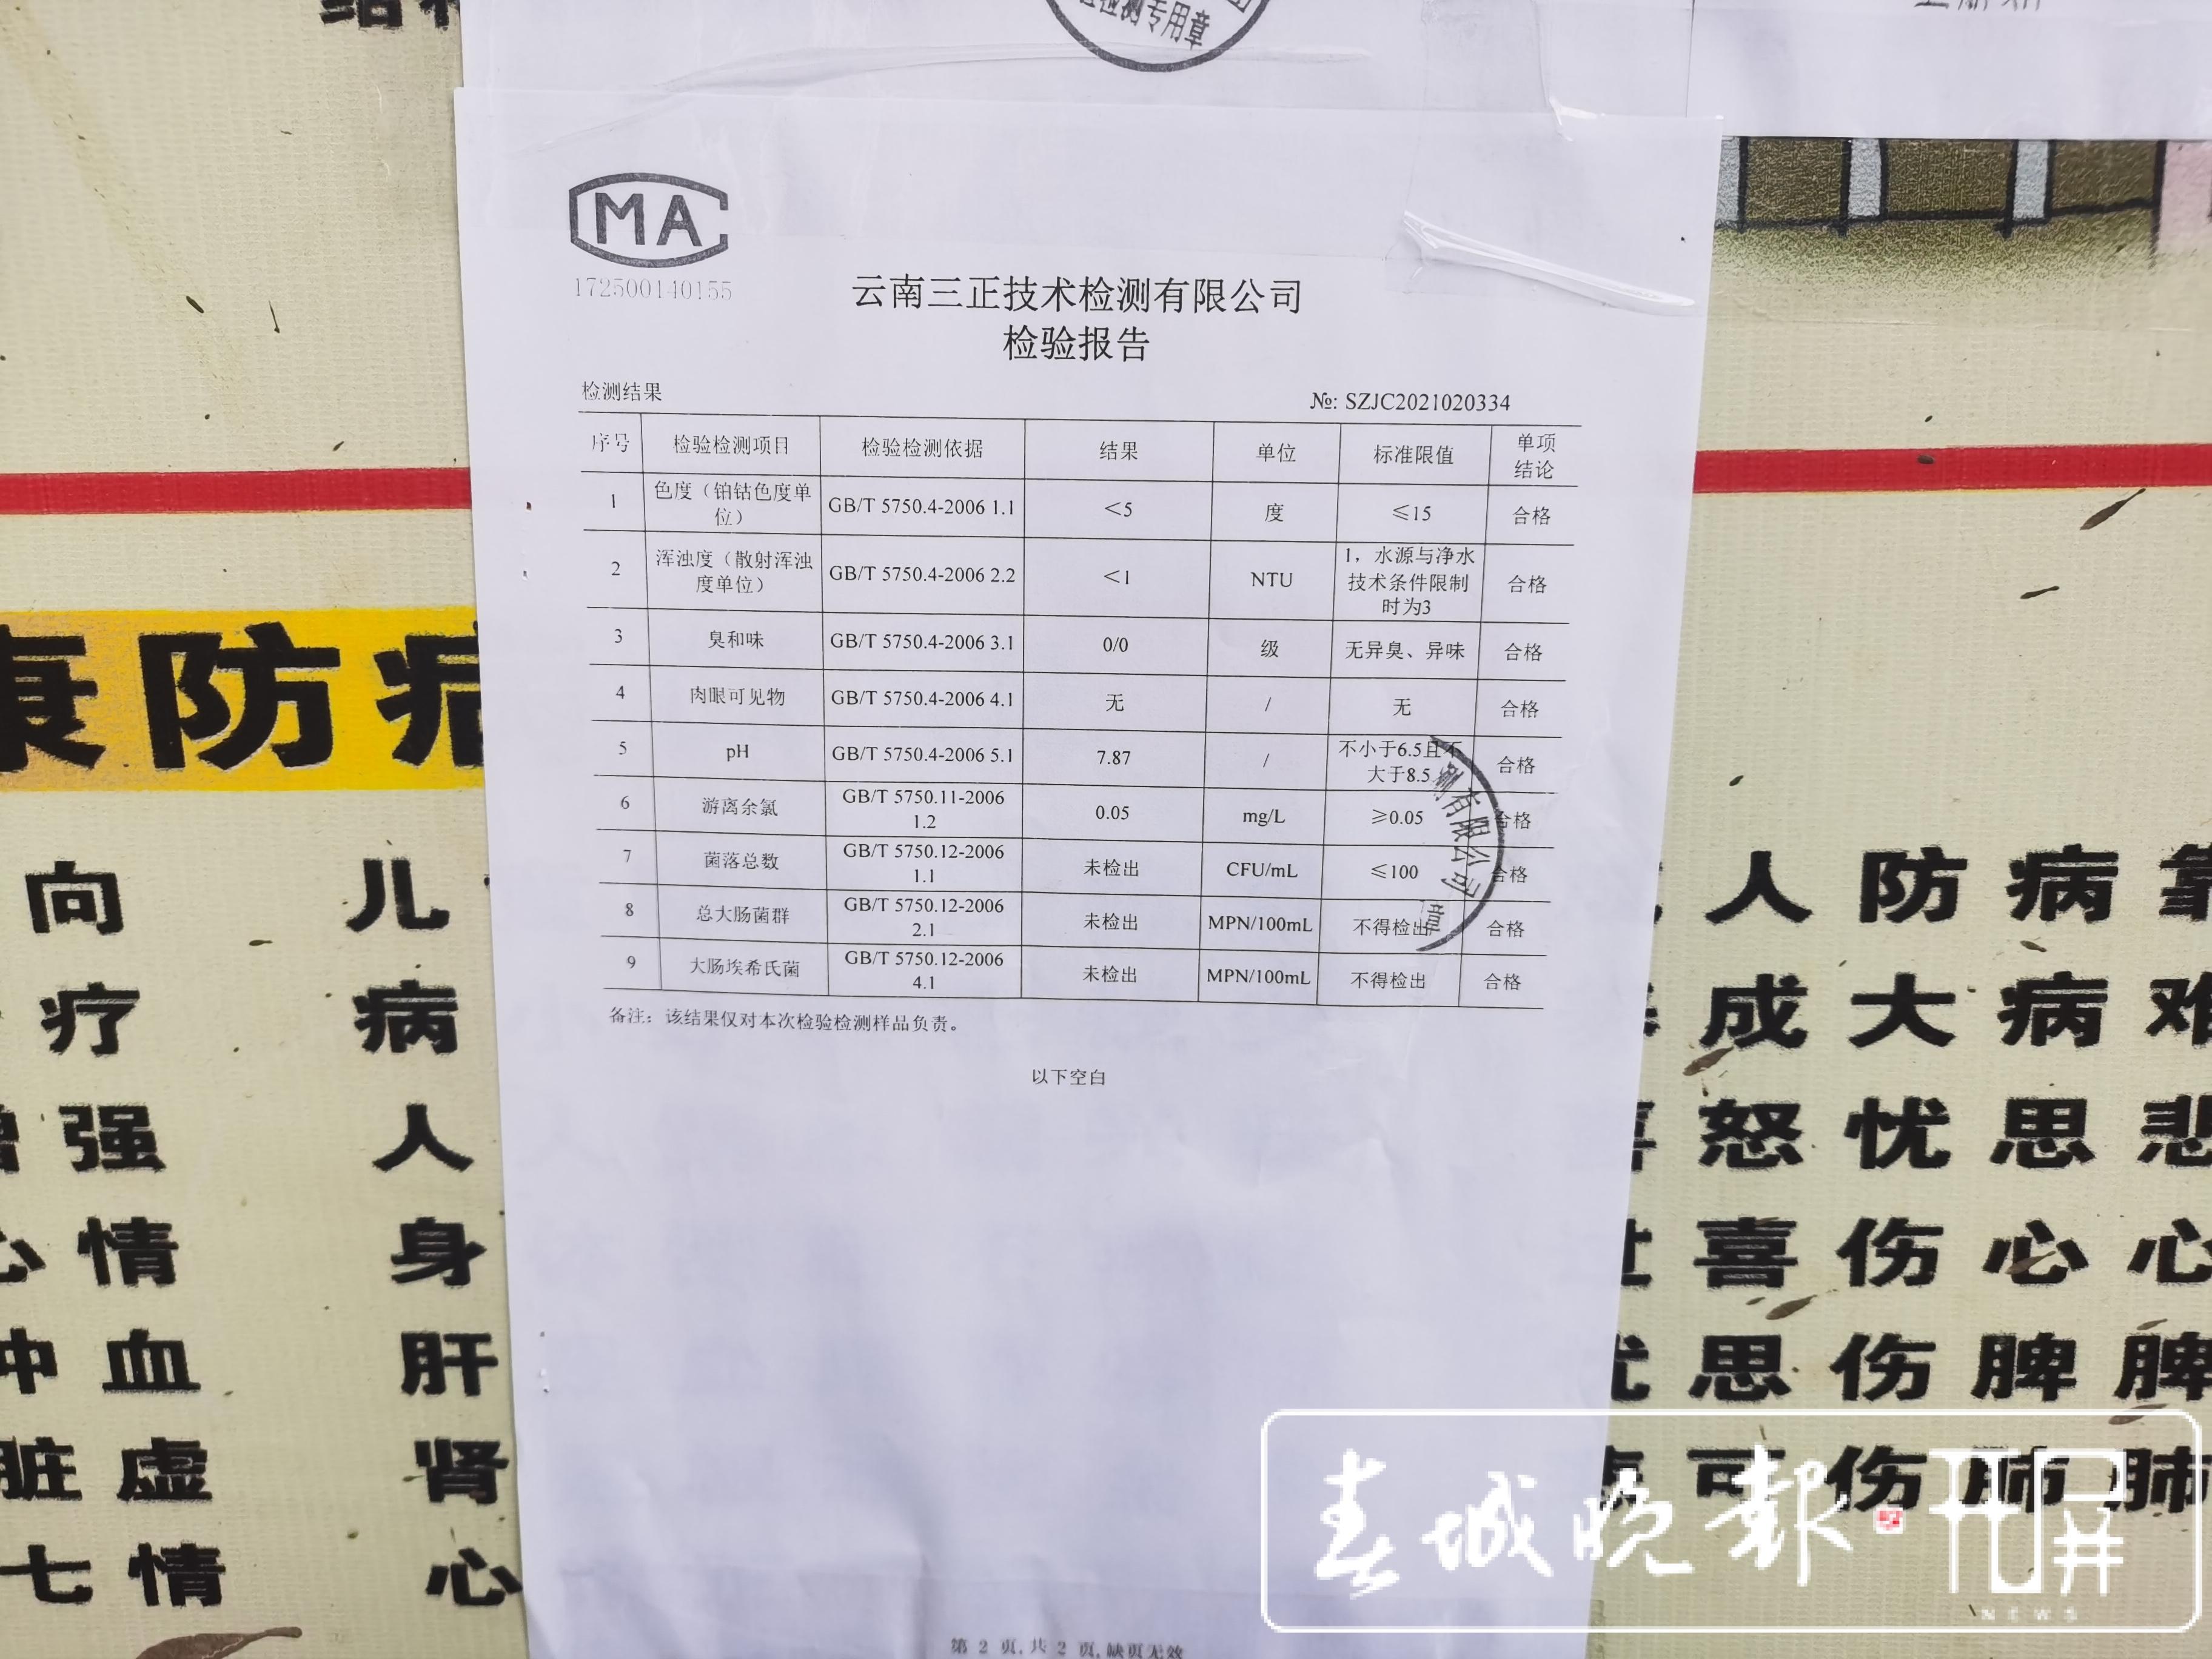 """蓄水池遭污染引居民""""怪病""""小区25日已恢复供水 (2).jpg"""